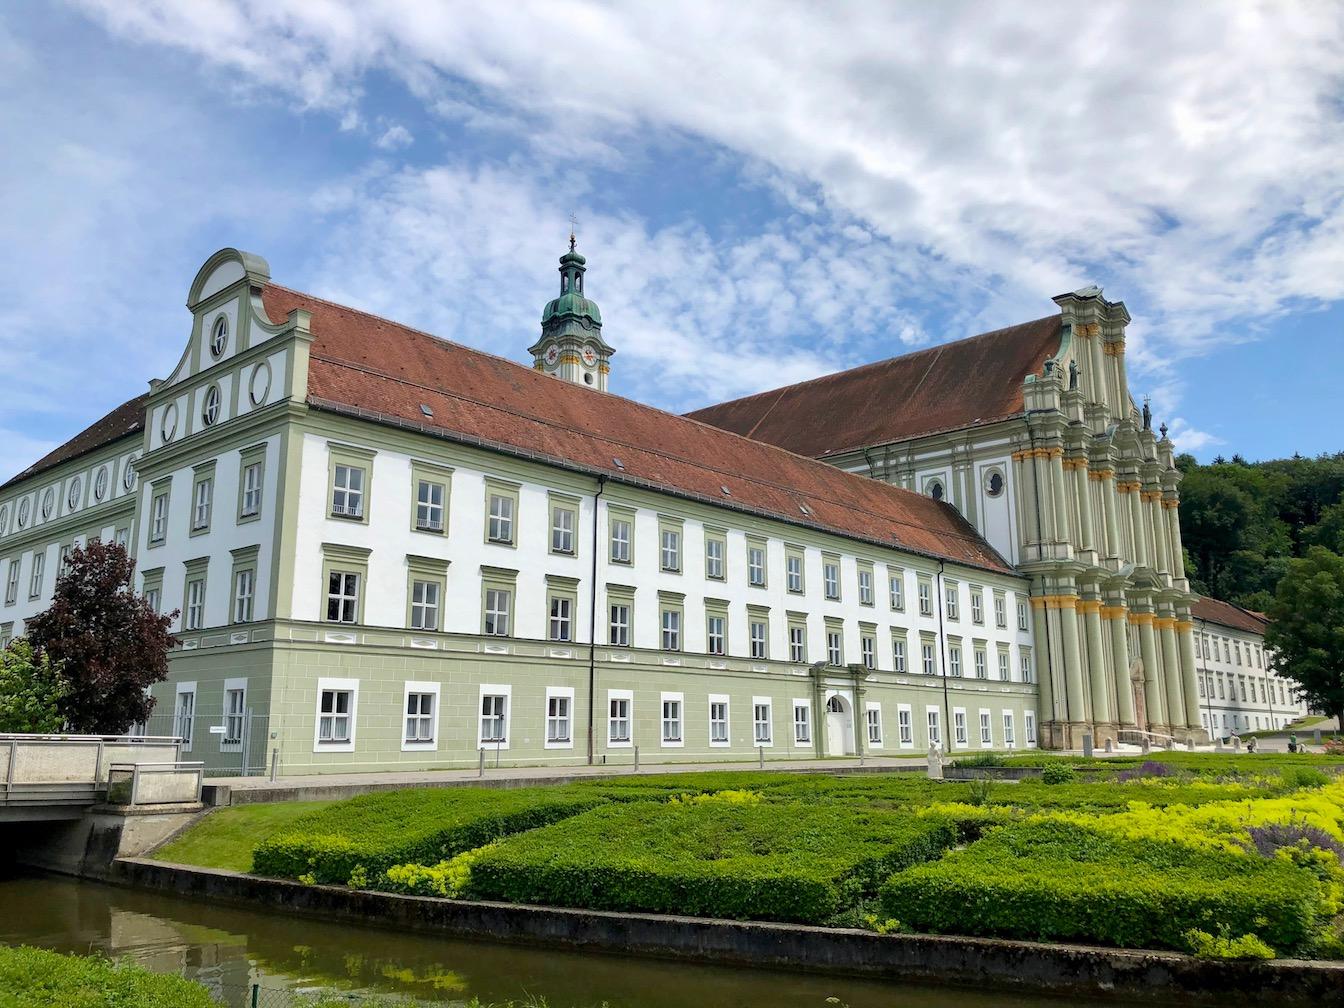 Blick auf das Kloster in Fürstenfeldbruck